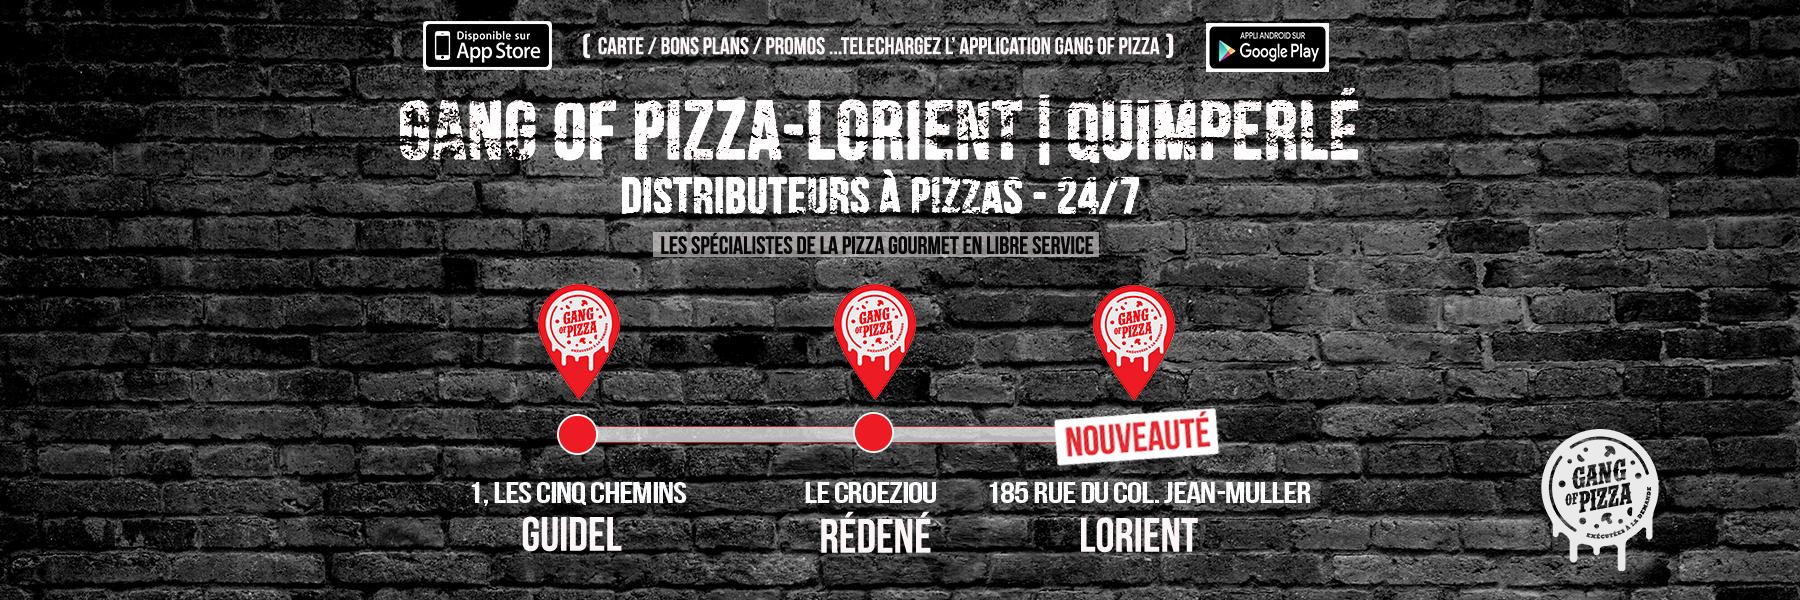 distributeur-pizza-pizzas-lorient-morbihan-185-rue-du-colonel-jean-muller-24-7